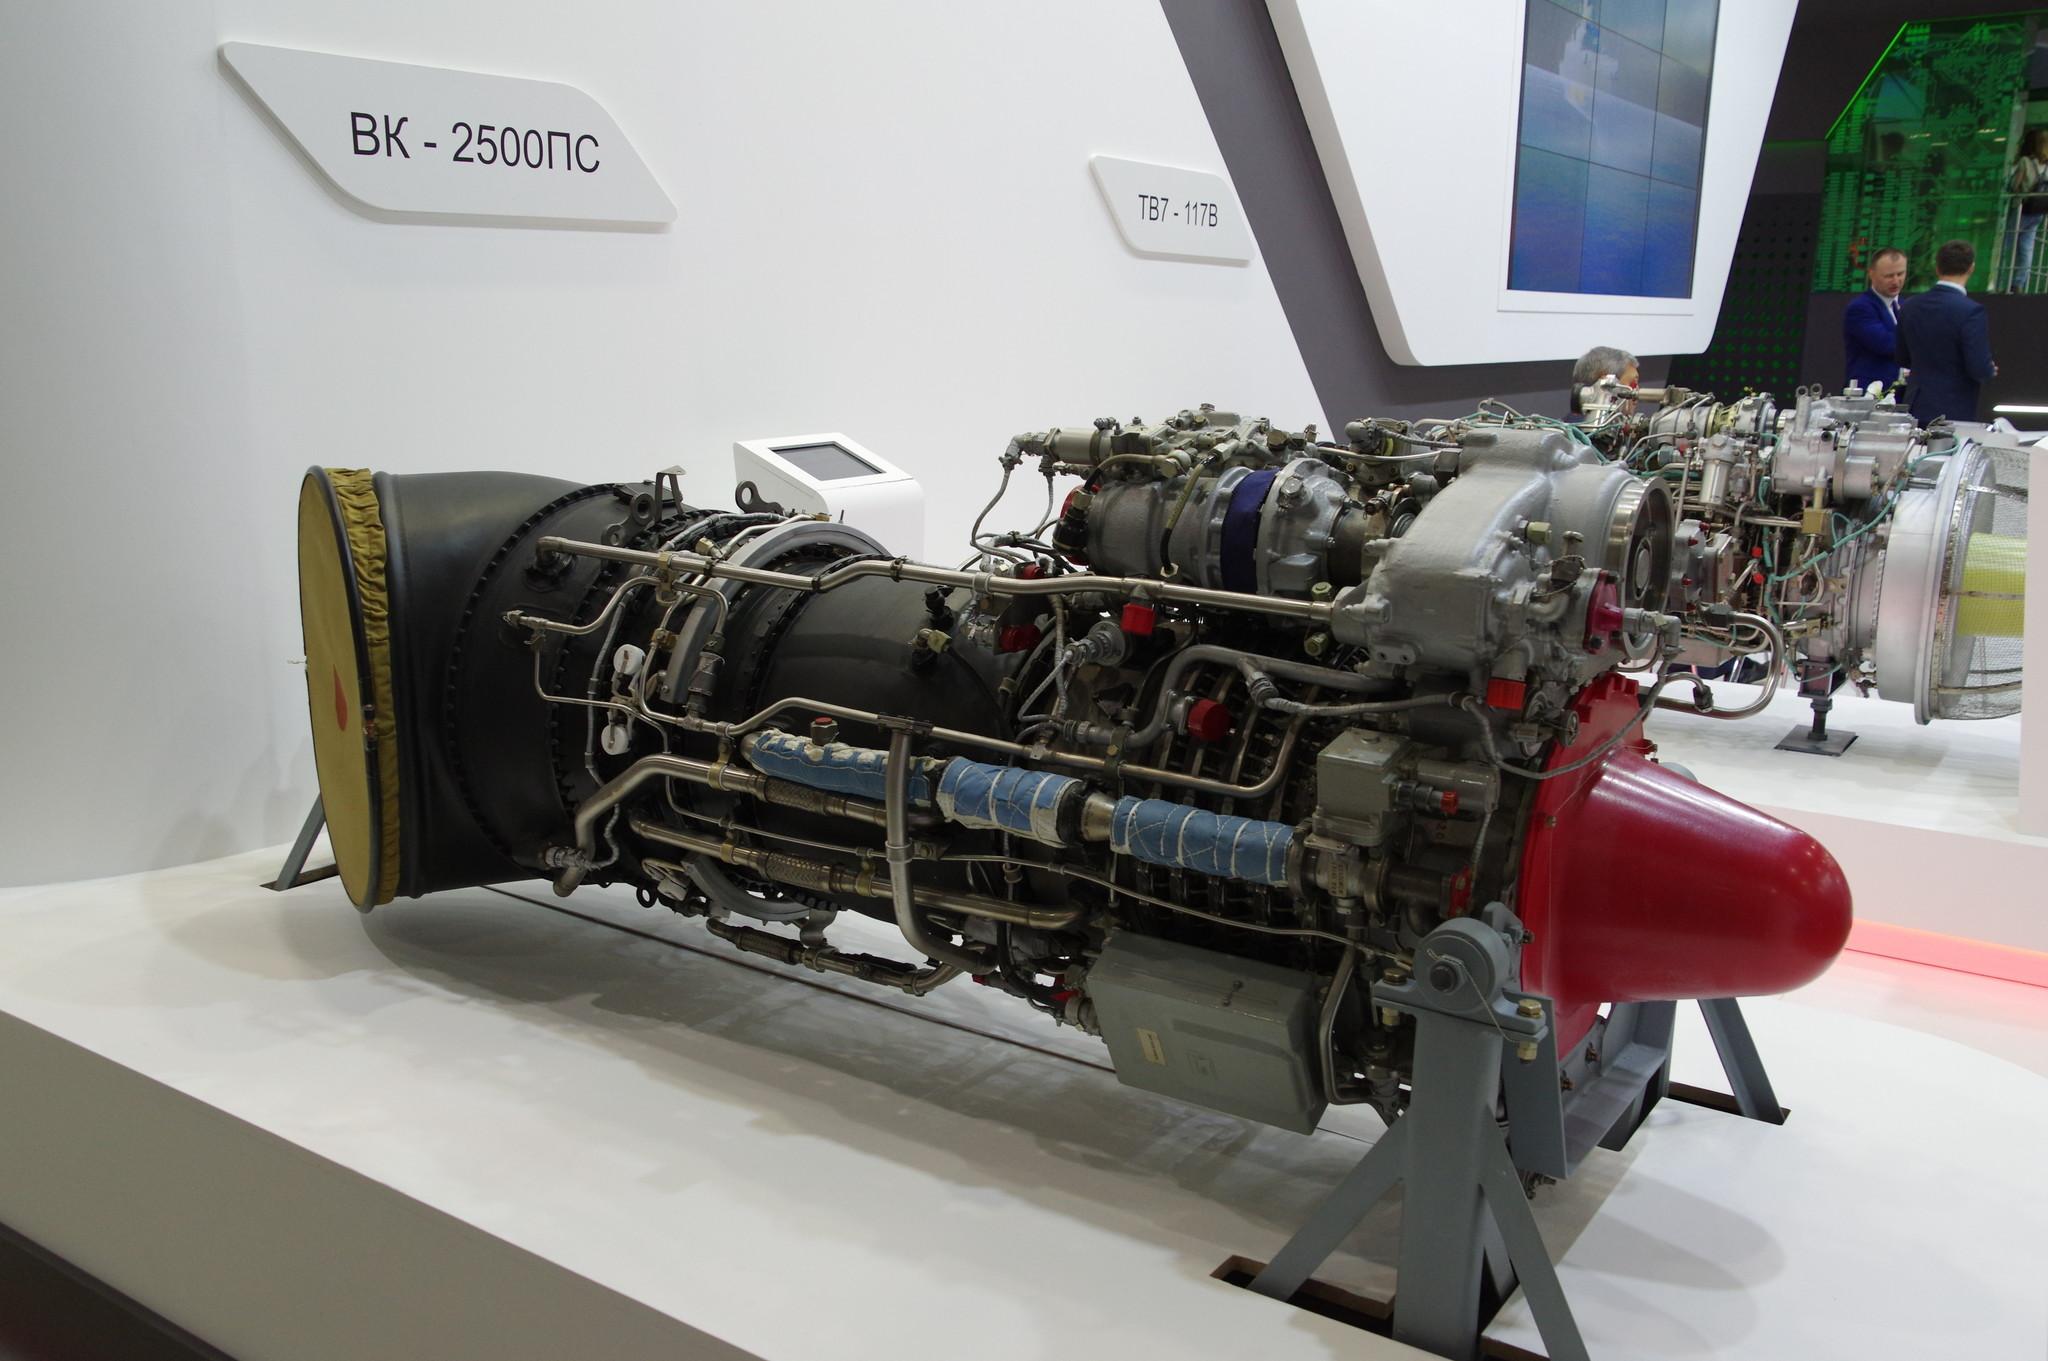 Двигатель ВК-2500ПС